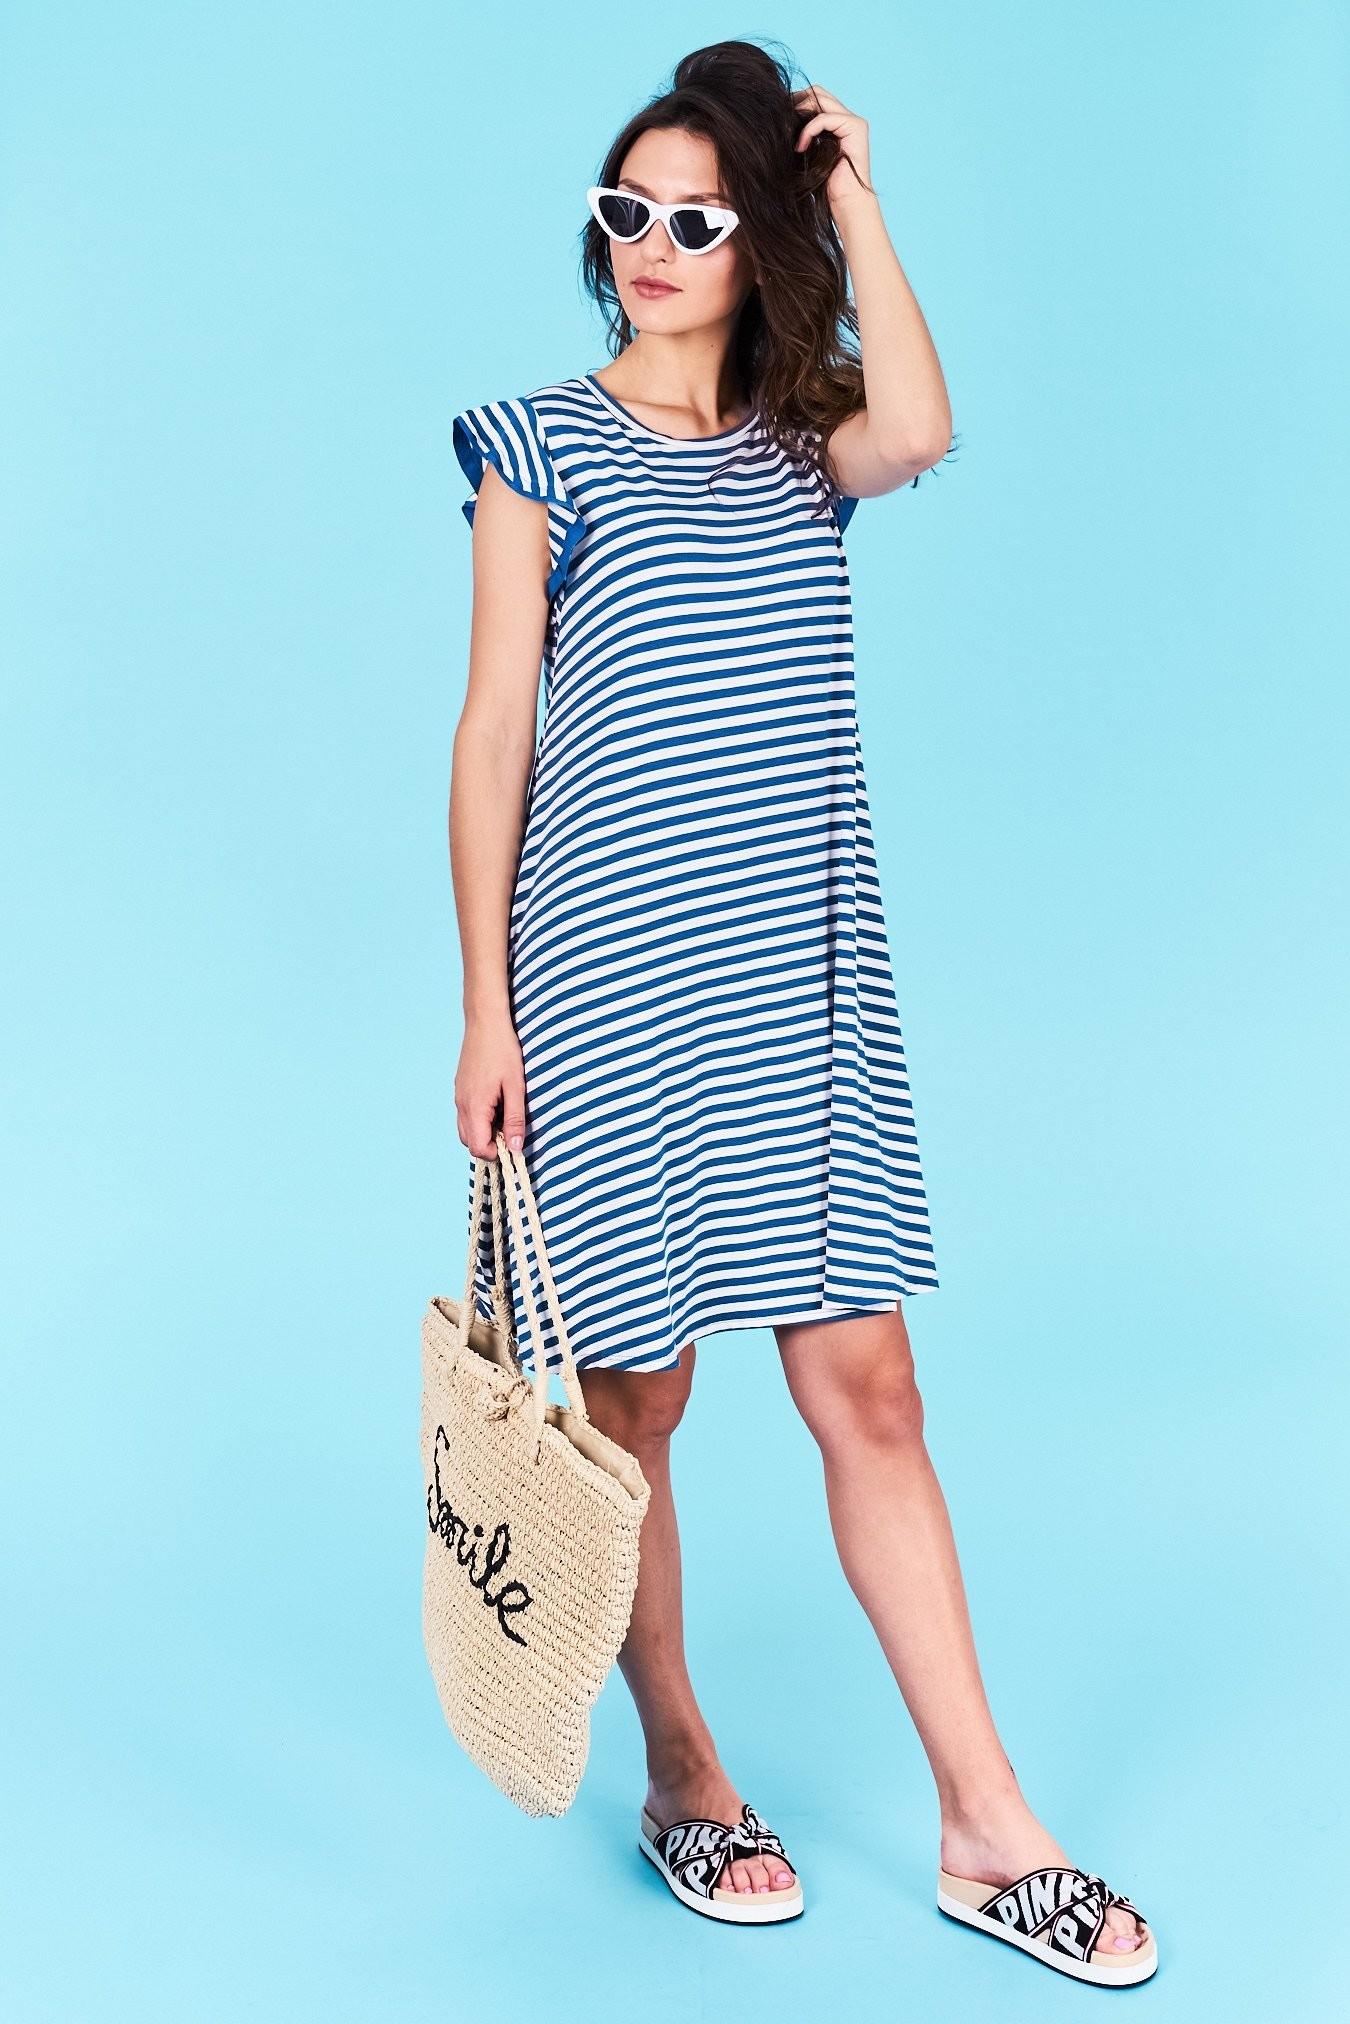 49bc0271a258 Dámske pruhované šaty modré Jasmine Veľkosť UNI-verzálna Vyrobené z príjemného  materiálu. Pohodlné šaty